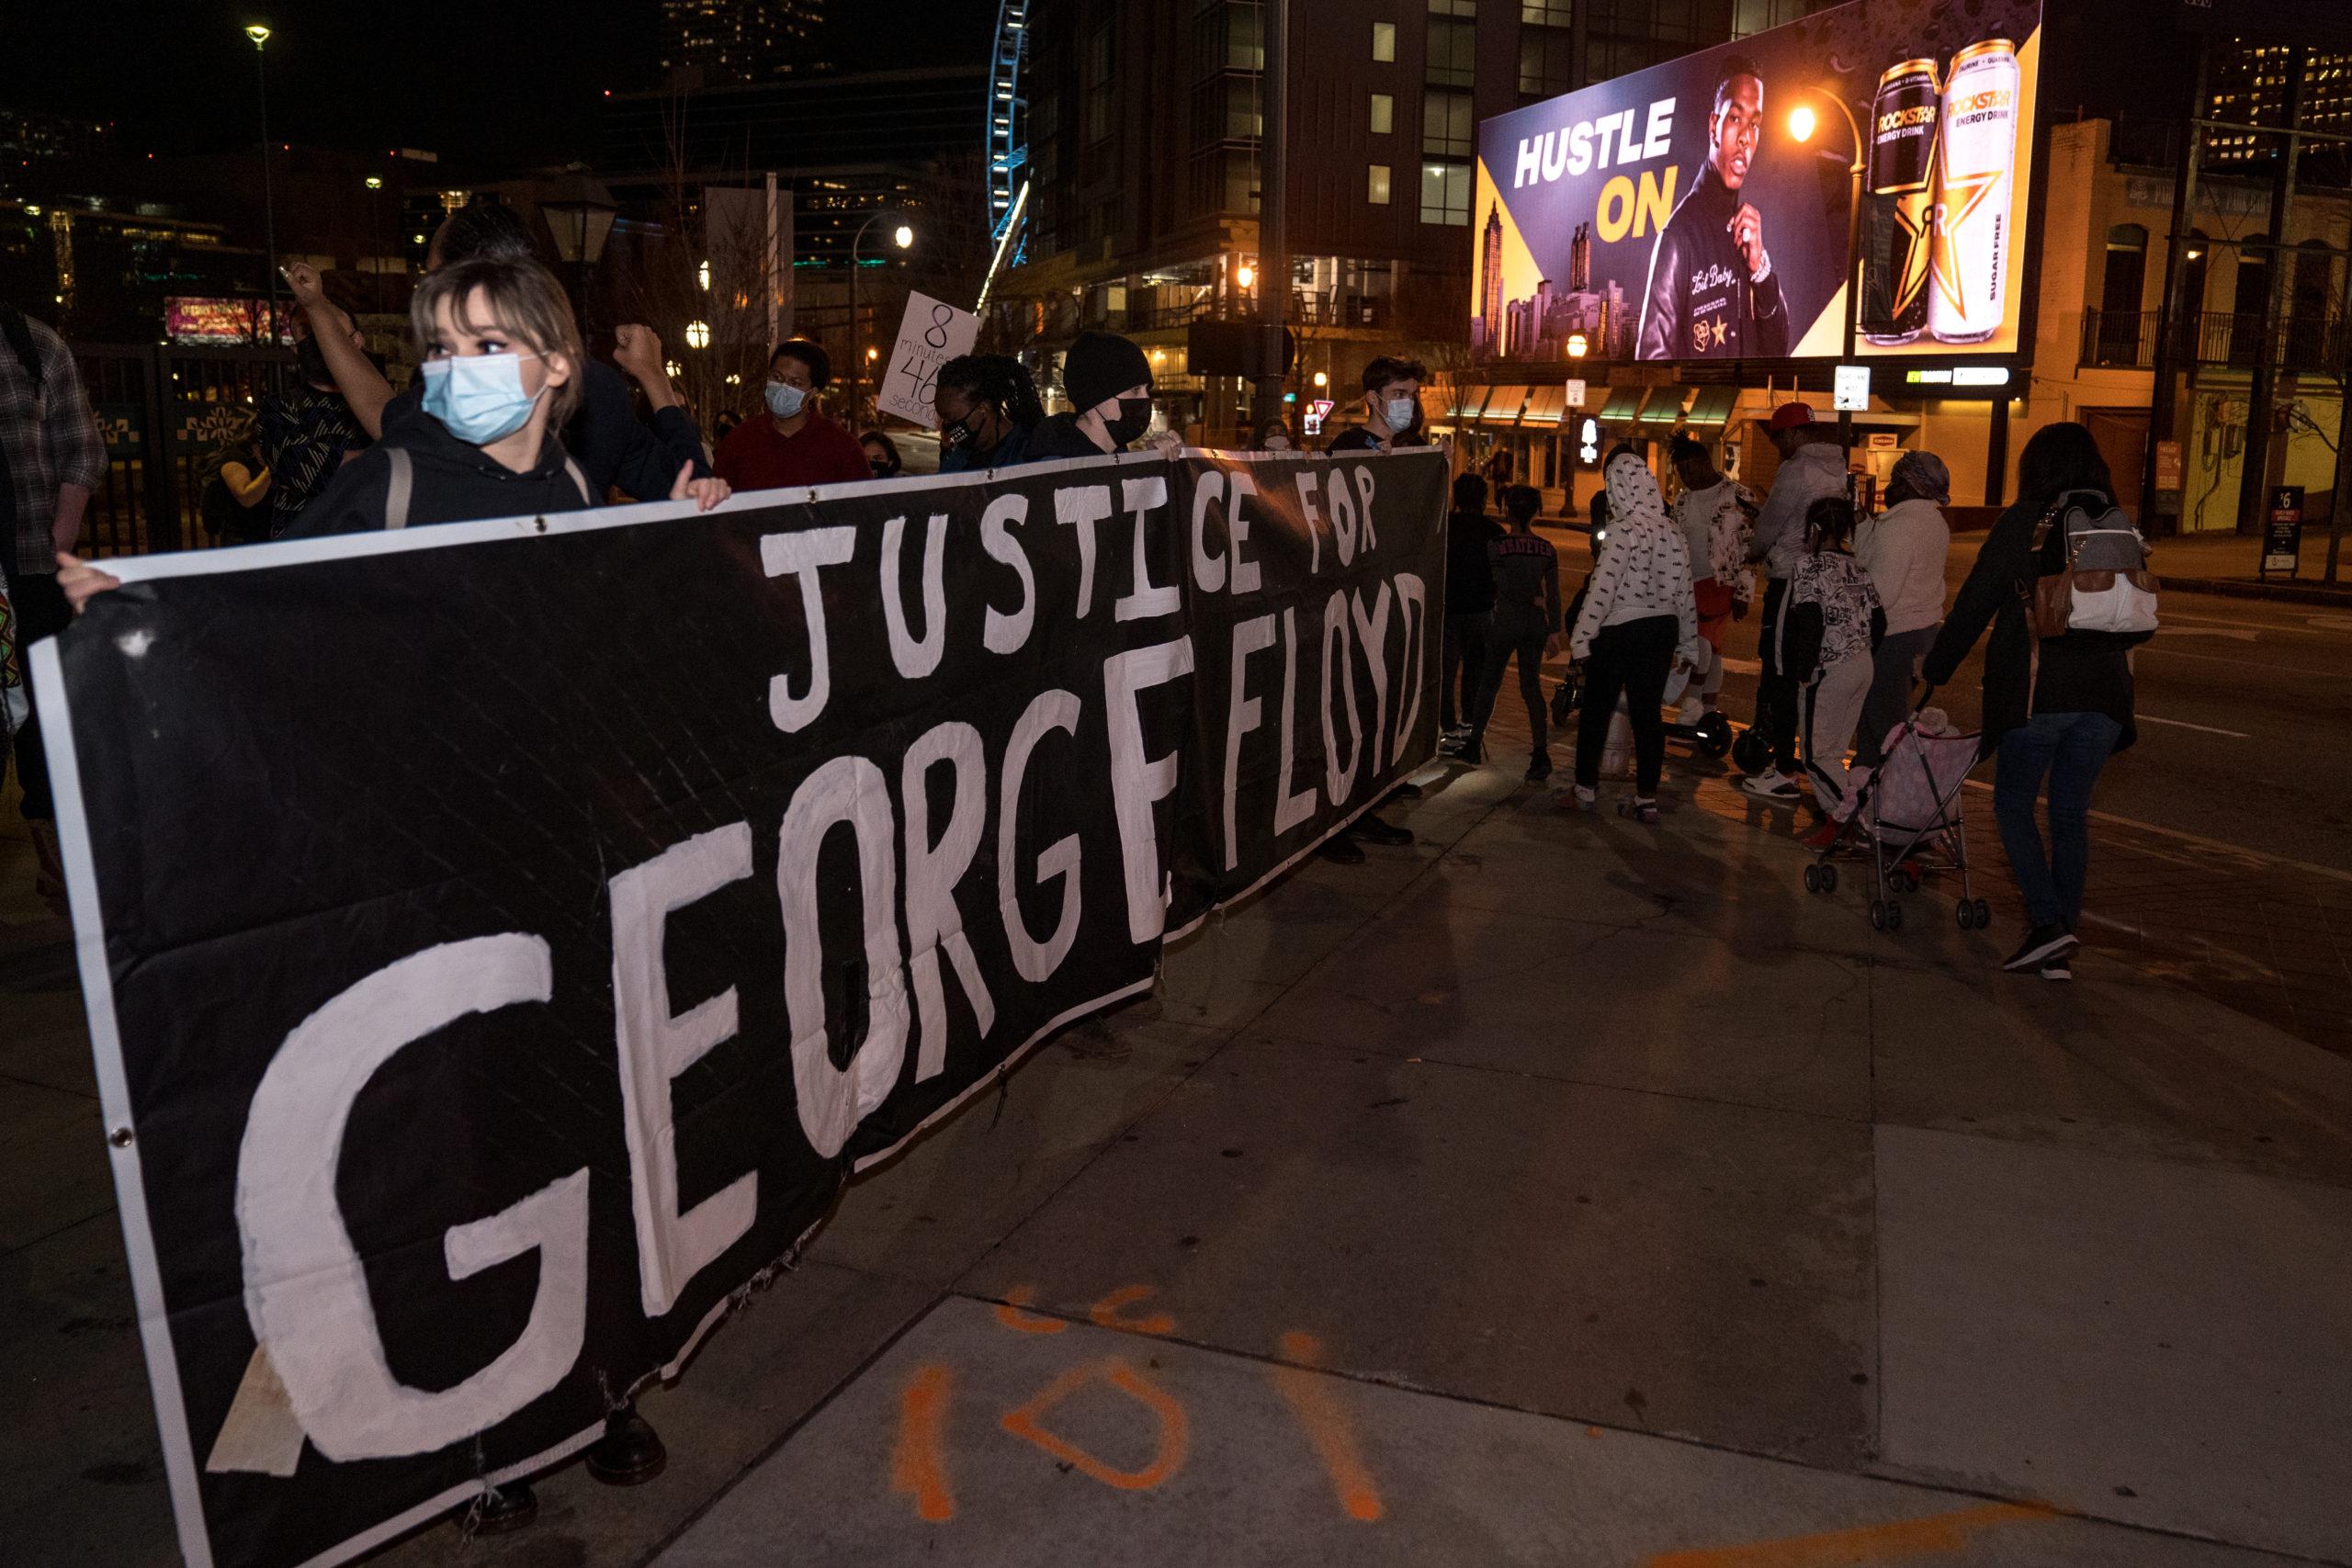 Demonstrators hold a vigil in honor of George Floyd on March 8, 2021 in Atlanta, Georgia. (Megan Varner/Getty Images)